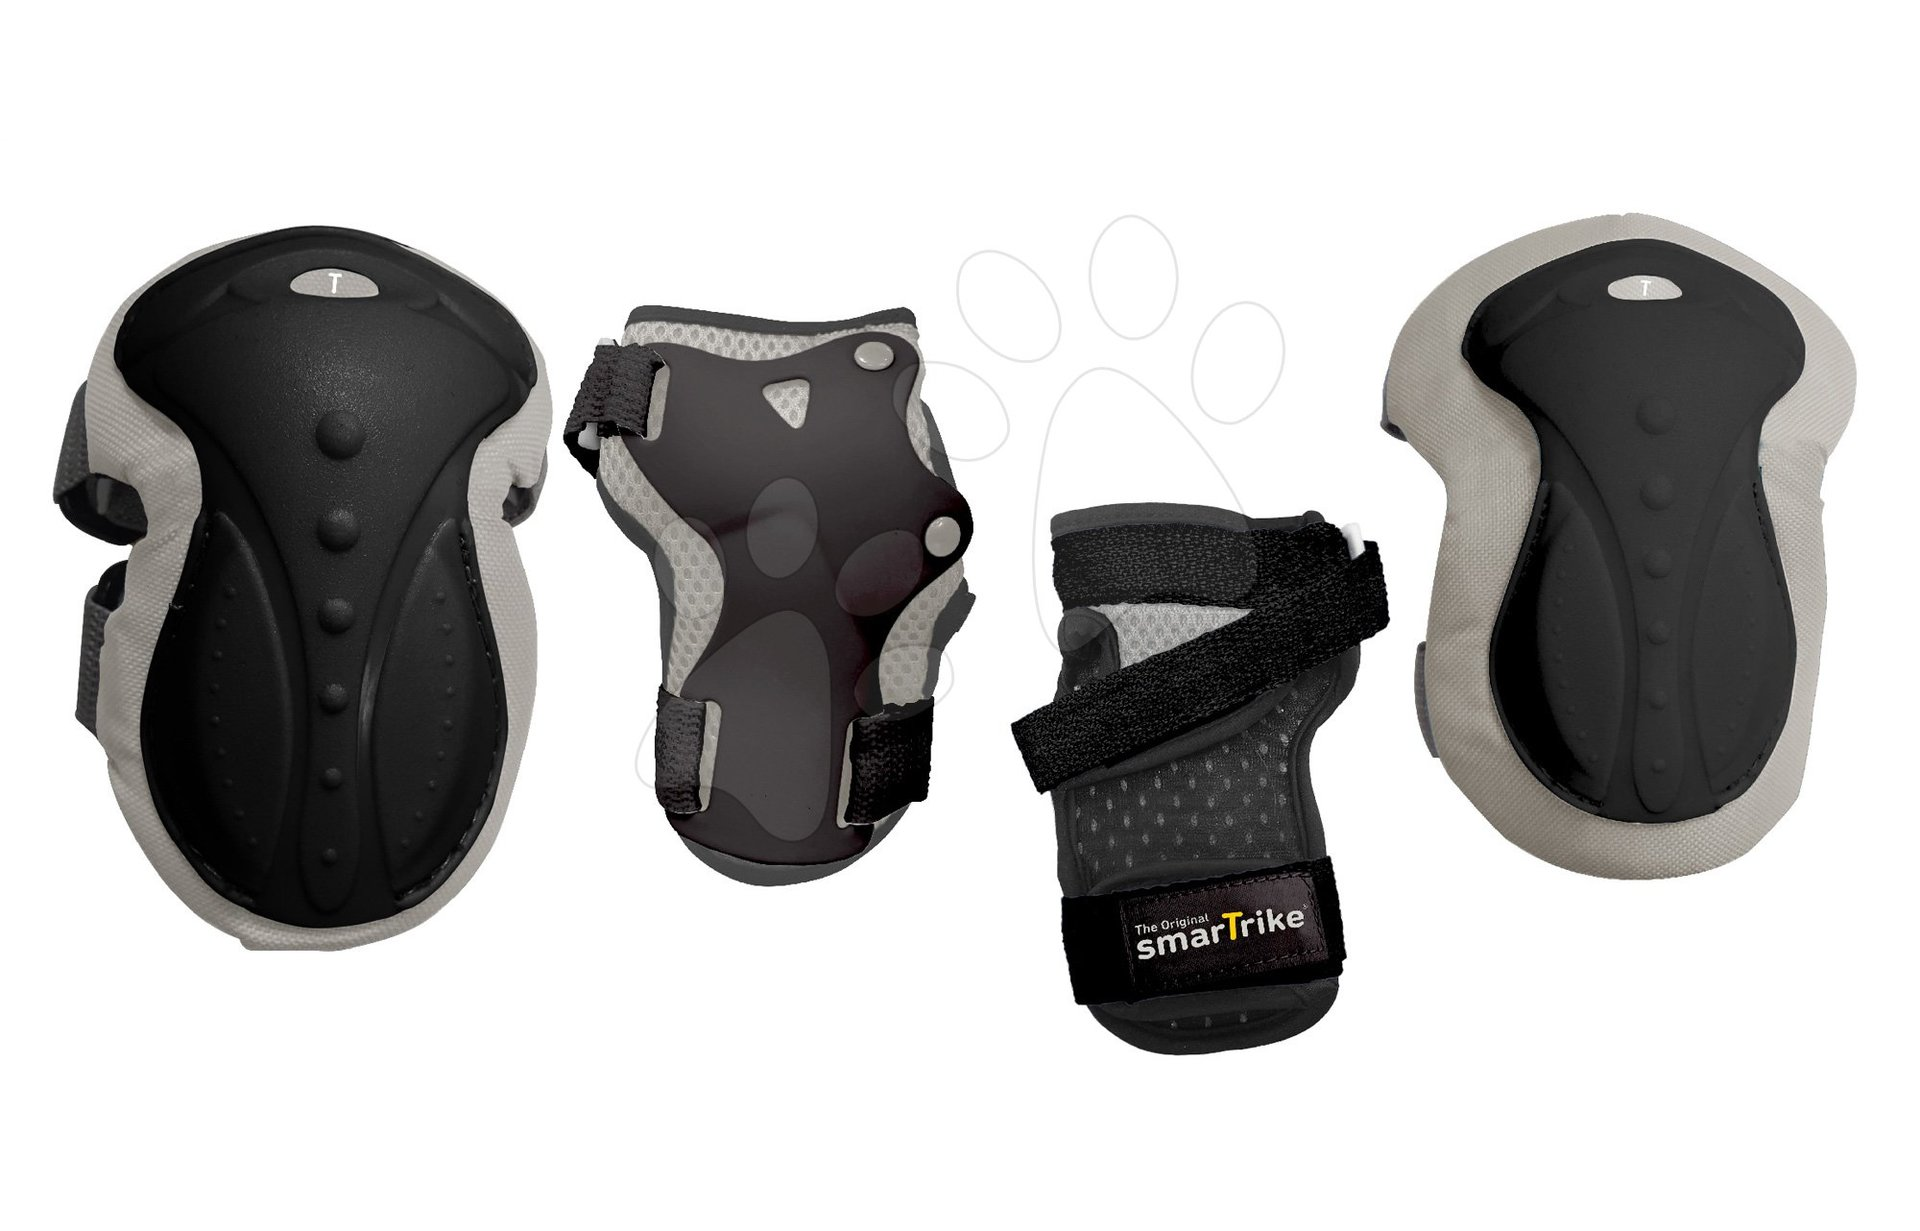 Chrániče Safety Gear set M smarTrike na kolená a zápästia z ergonomického plastu čierne od 9 rokov